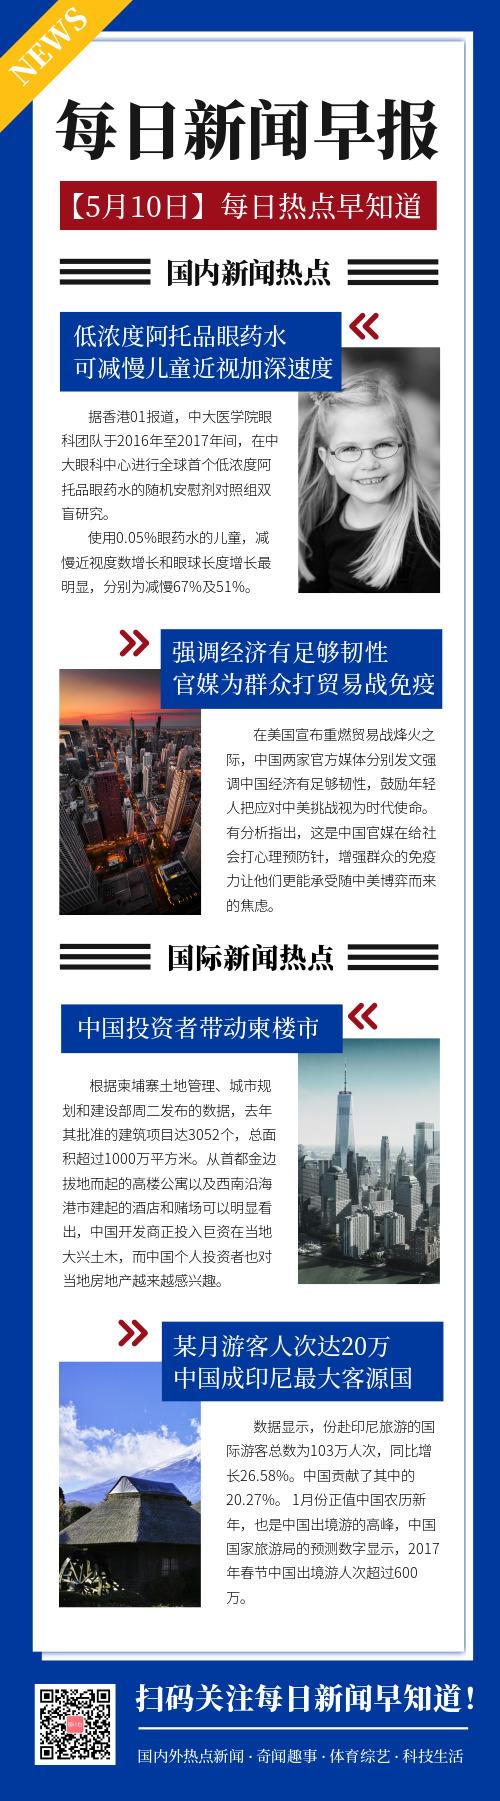 $扁平互聯網新聞早報快訊報紙長圖